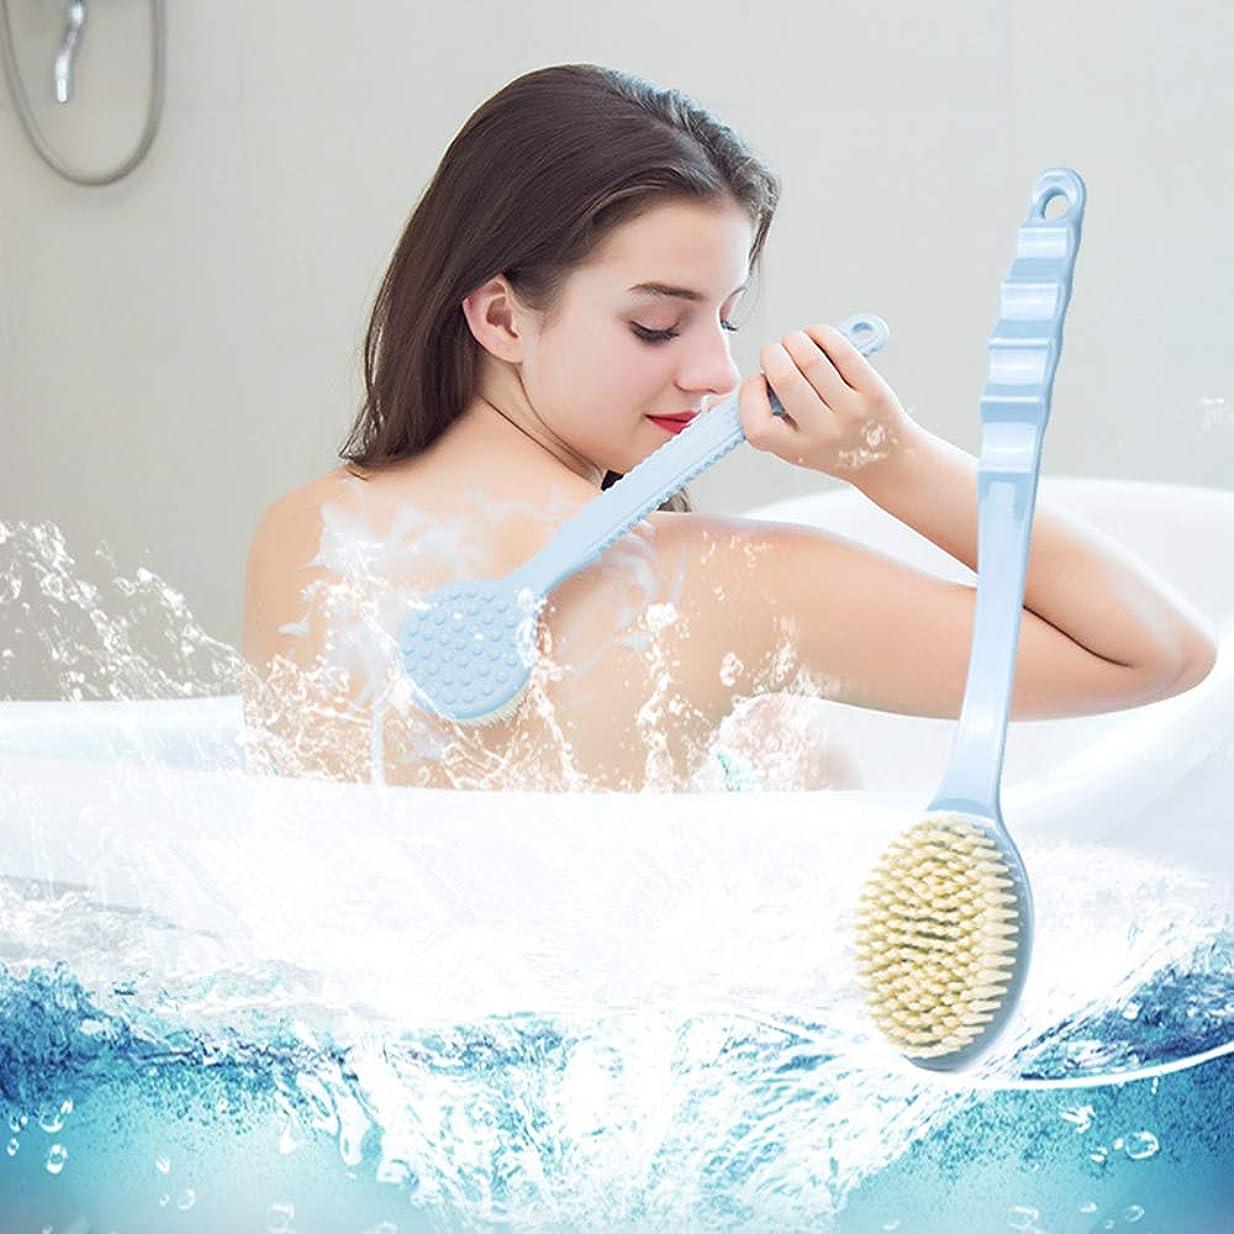 連続的測定可能トンネルボディブラシロング 風呂ブラシ背中 マッサー長柄滑り止め付きジリンパマッサージ角質取りお風呂 ブラシ血行促進 美肌背中ブラシボディーブラシバスグッズ (ブルー)